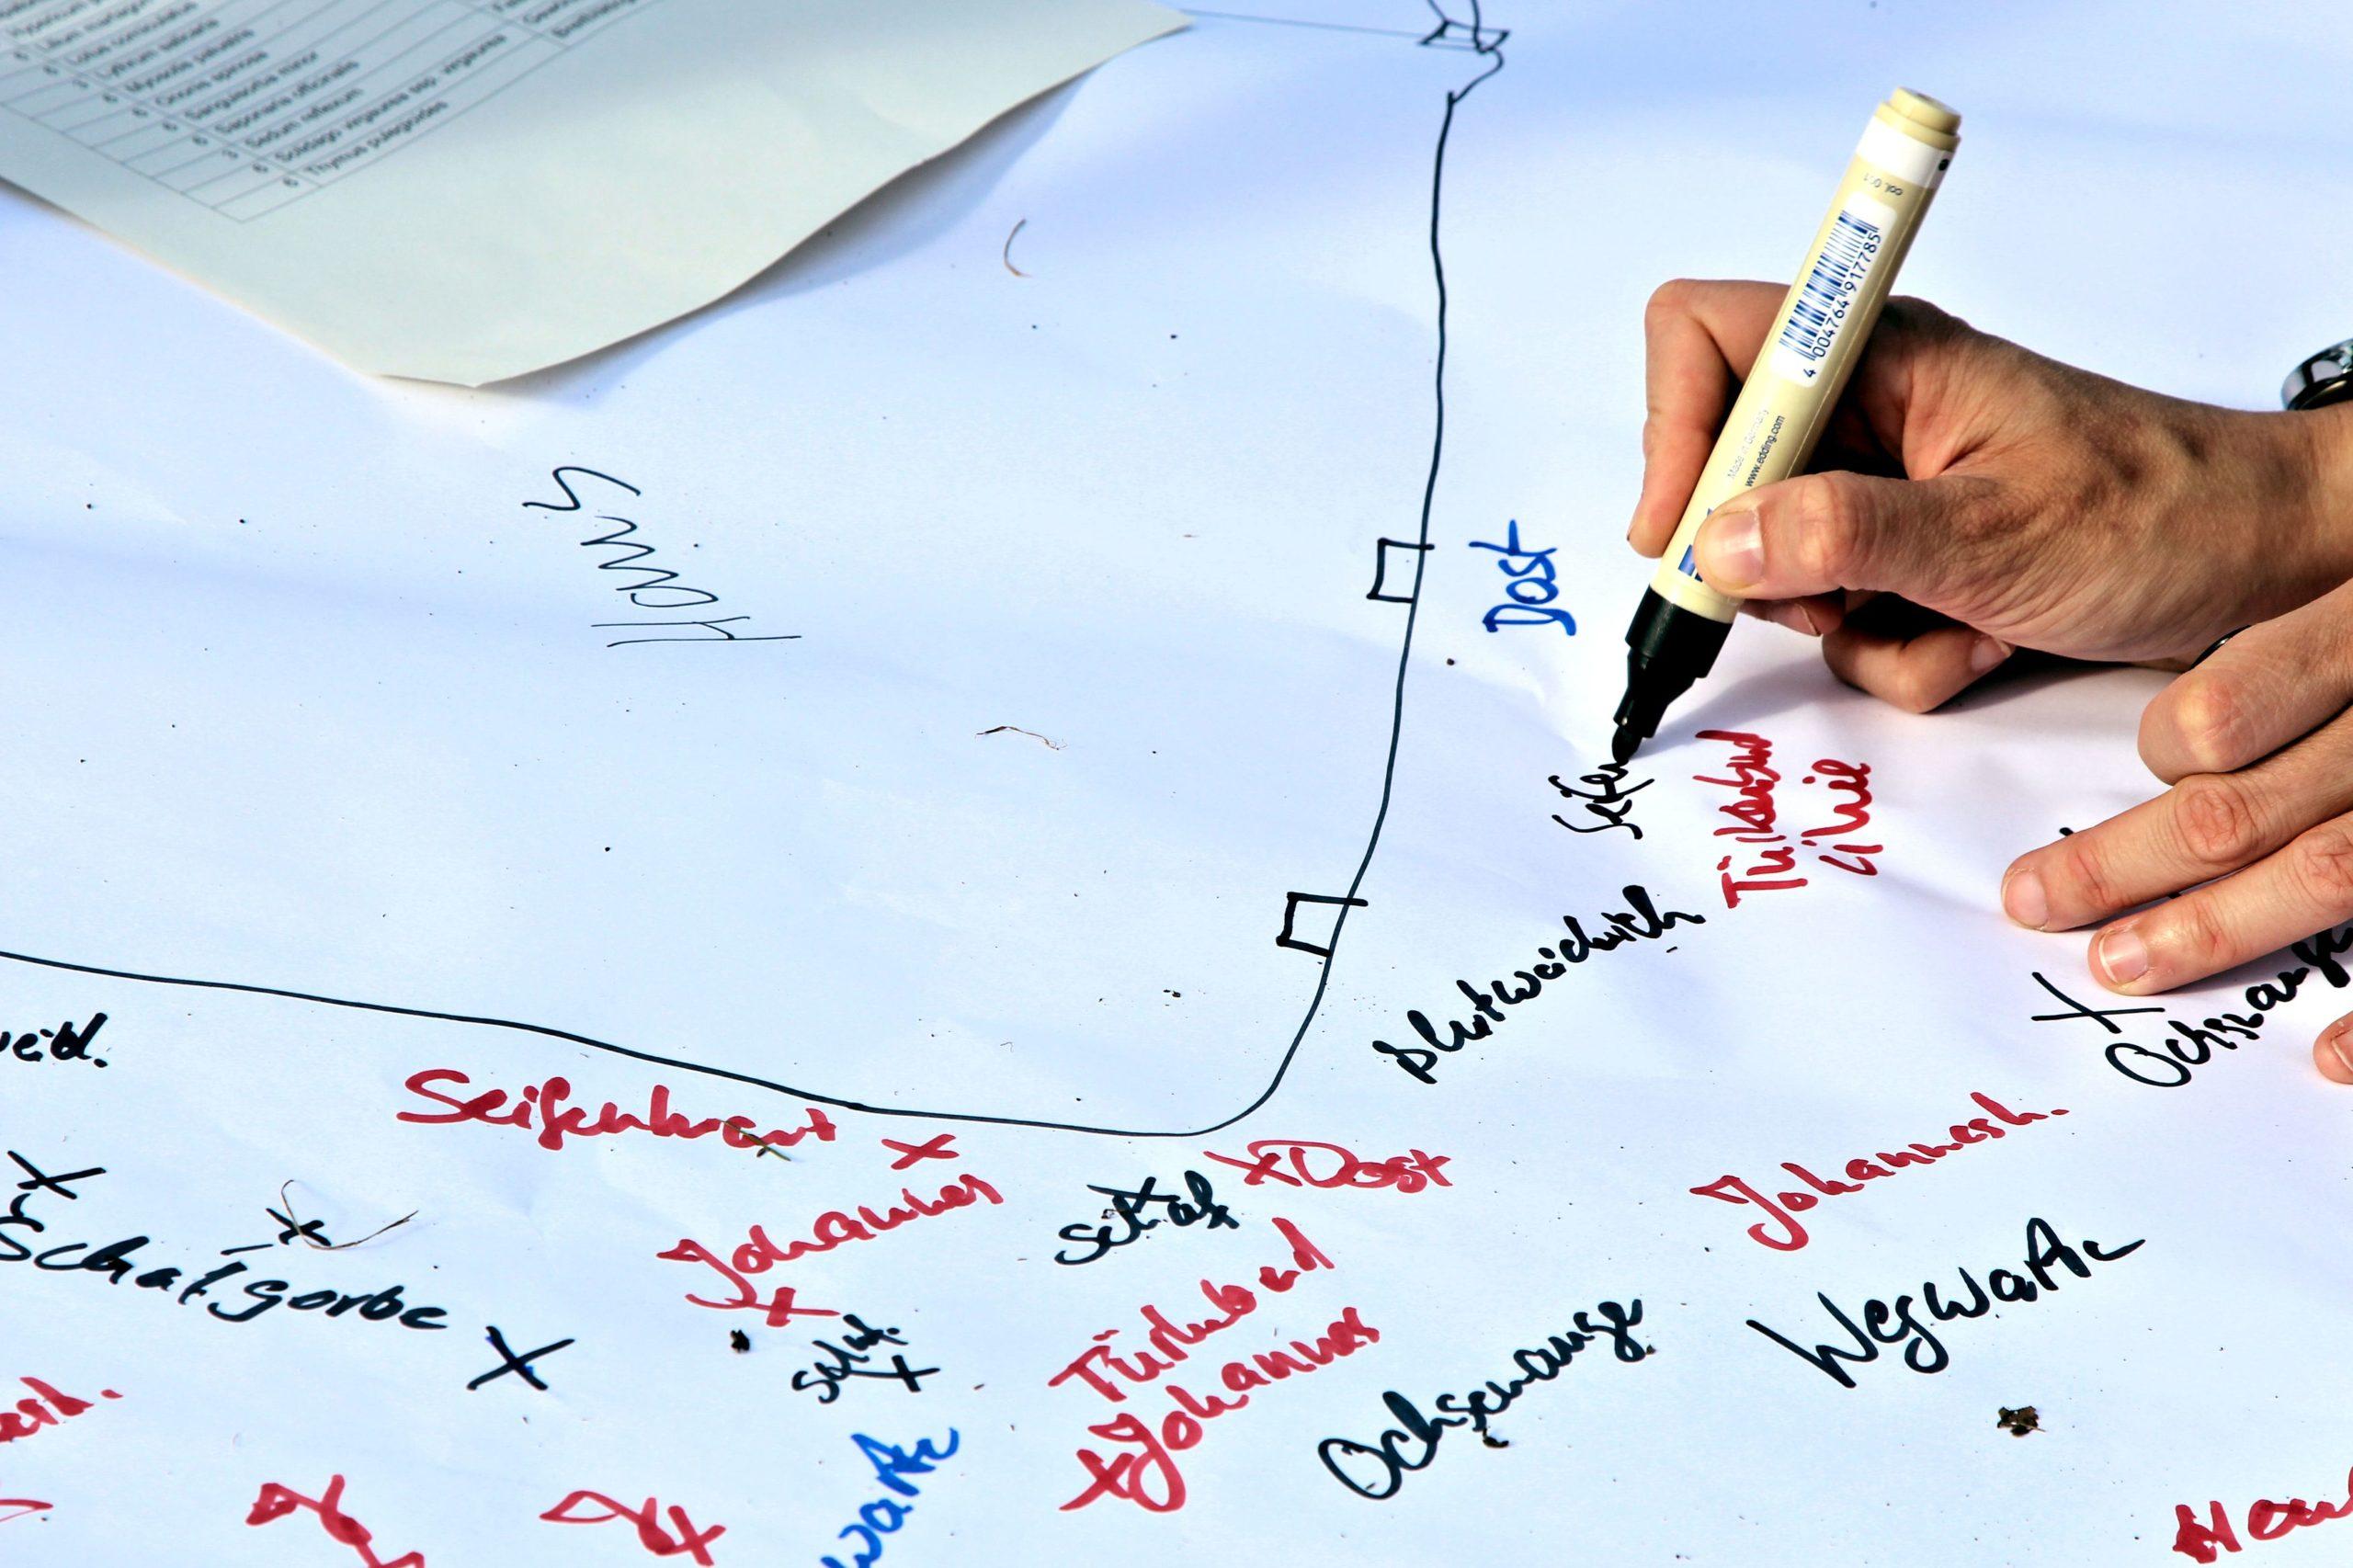 Jemand schreibt mit Filzstift auf Papier